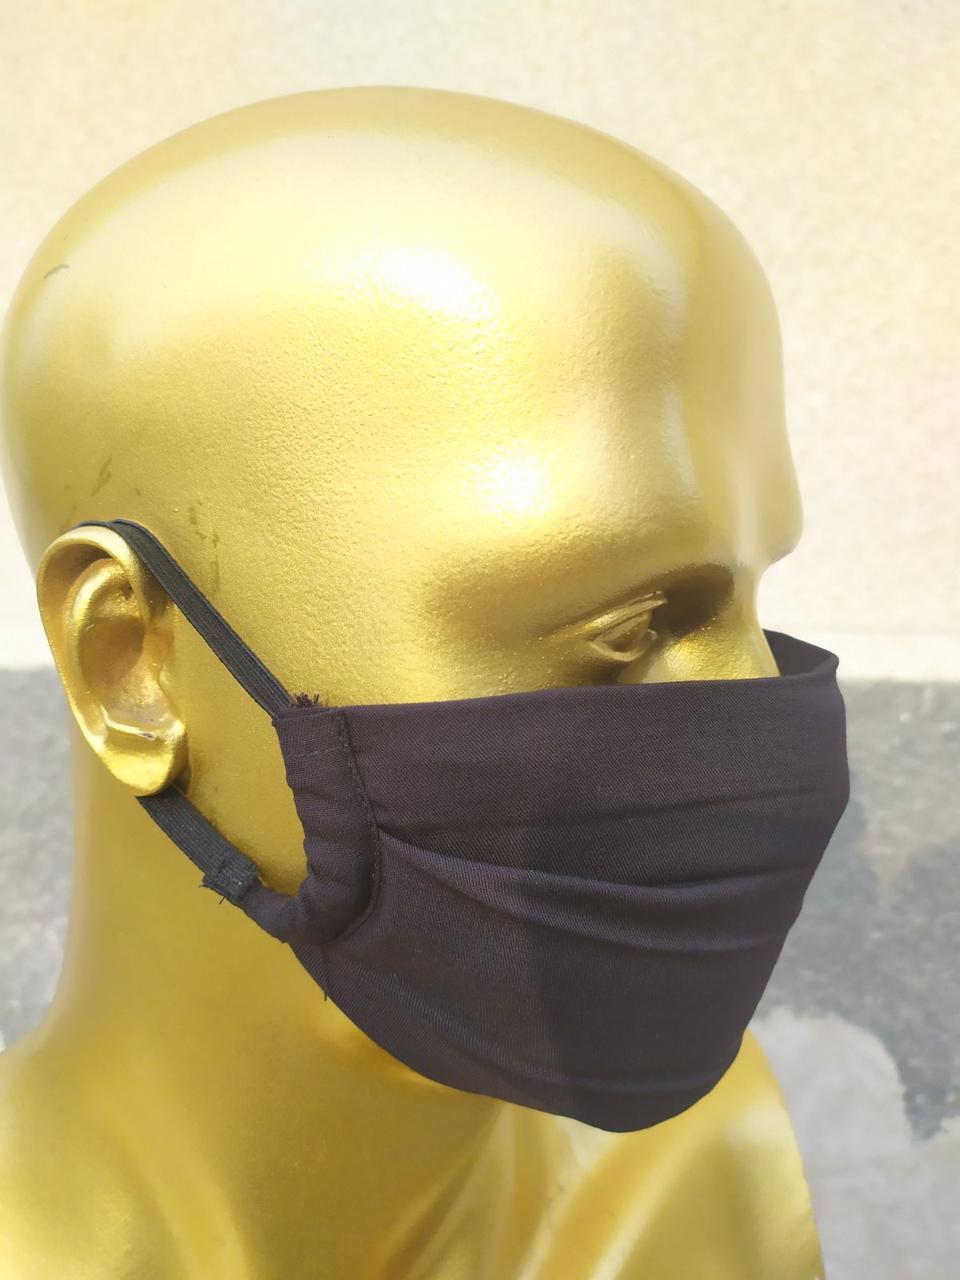 Питта-маска NeoStripe многоразовая 3-слойная (100% вискоза с неопреновой вставкой) упаковка 5шт. (NS100301B)